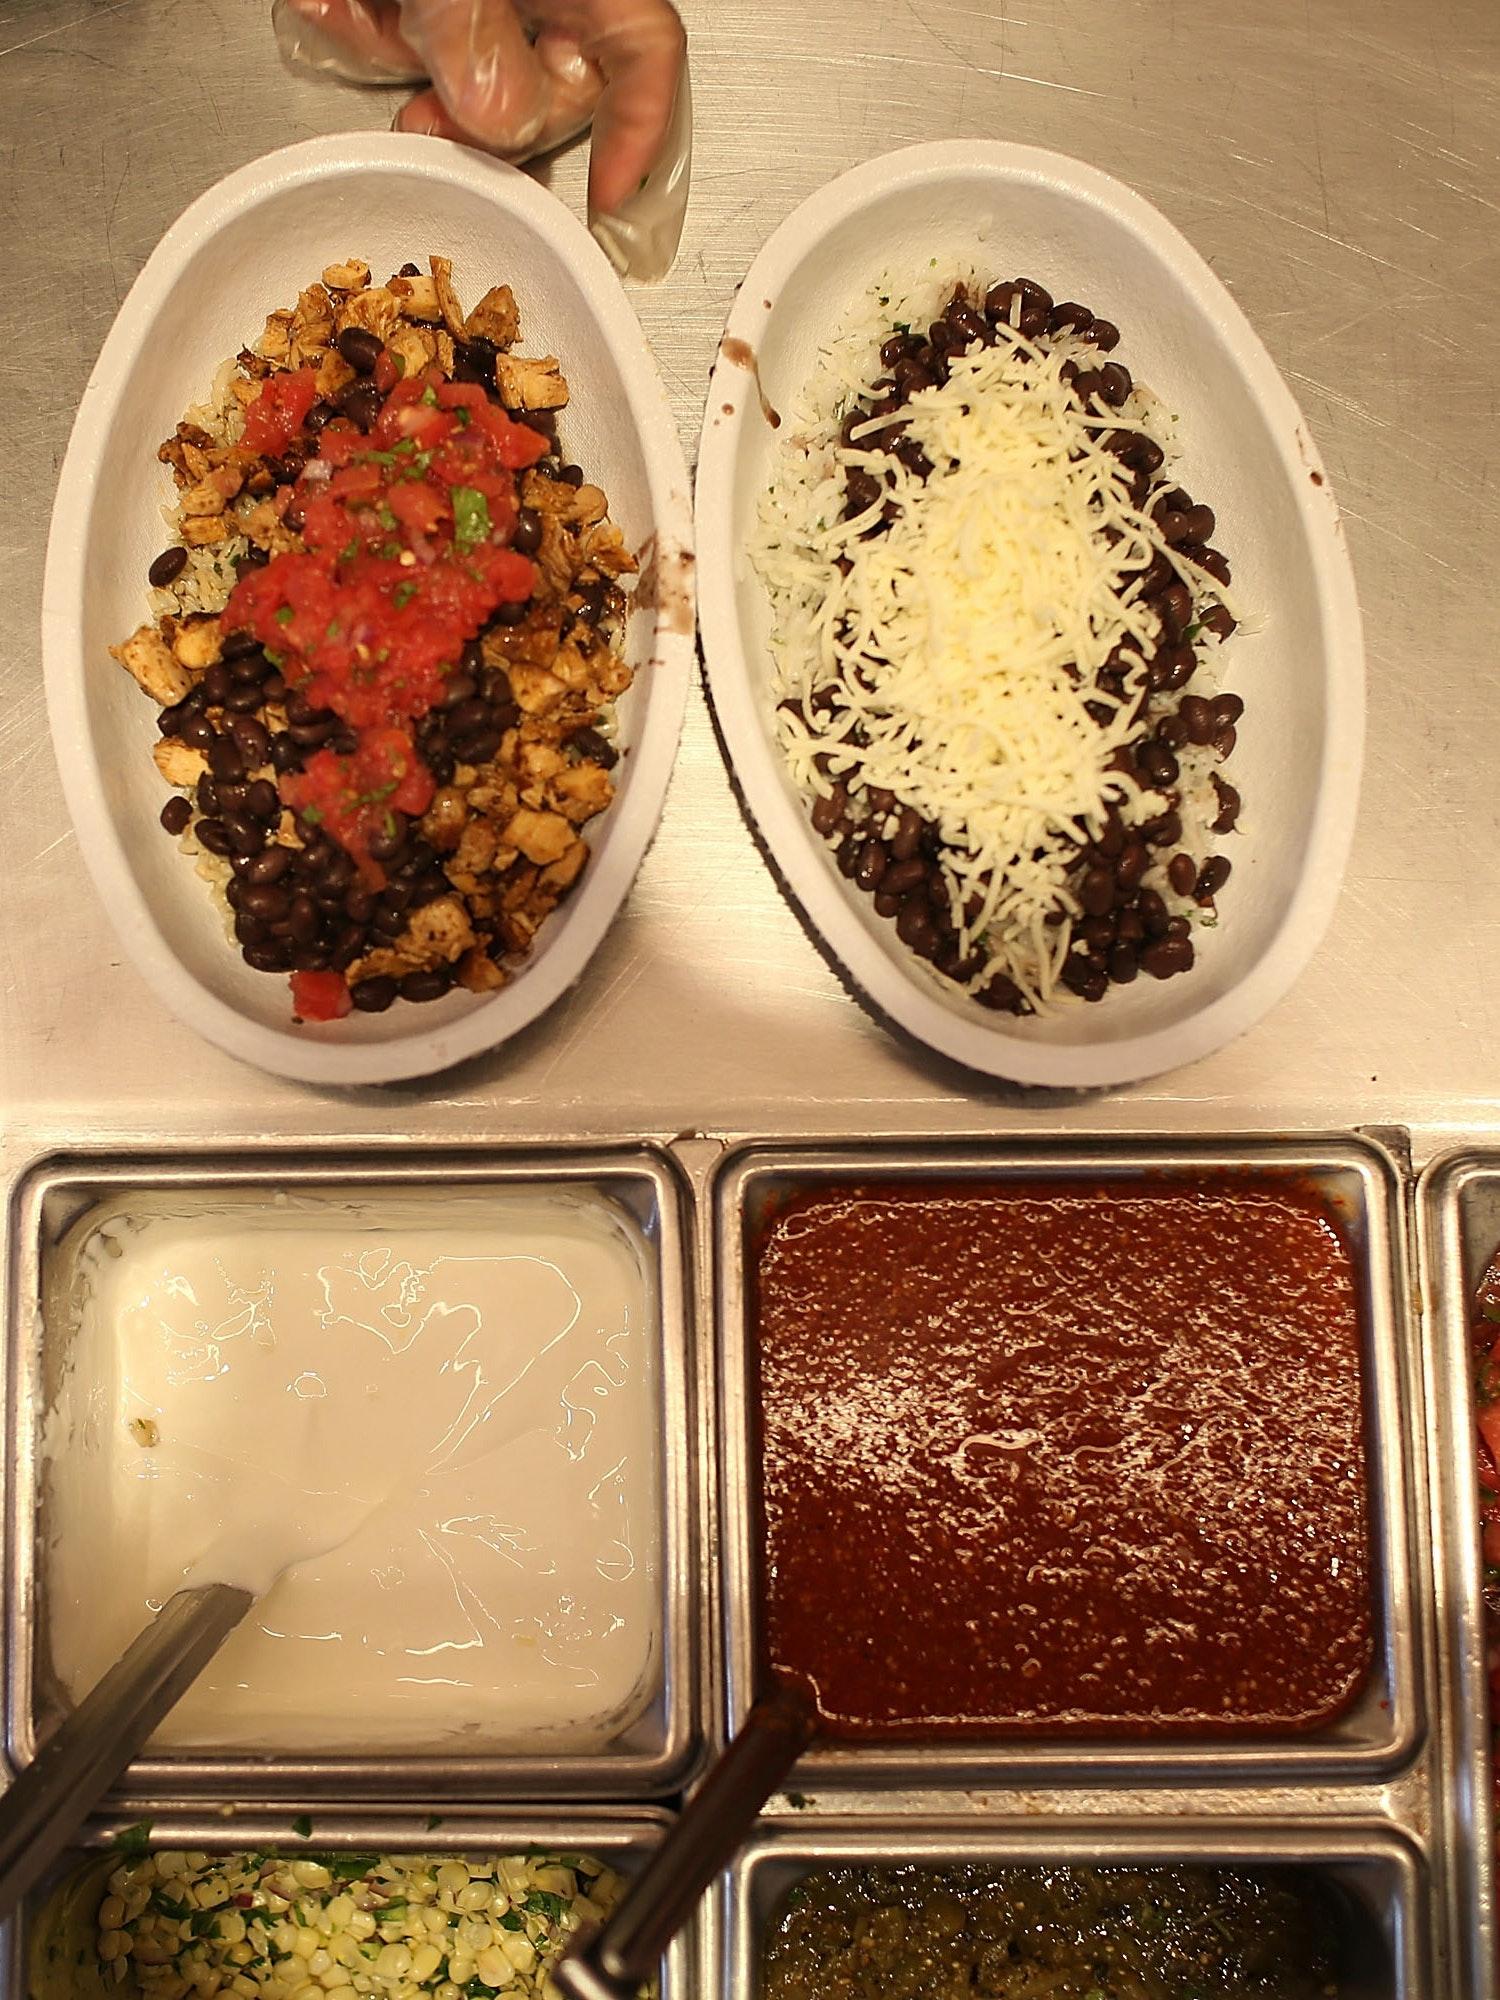 Chipotle's burrito bar.